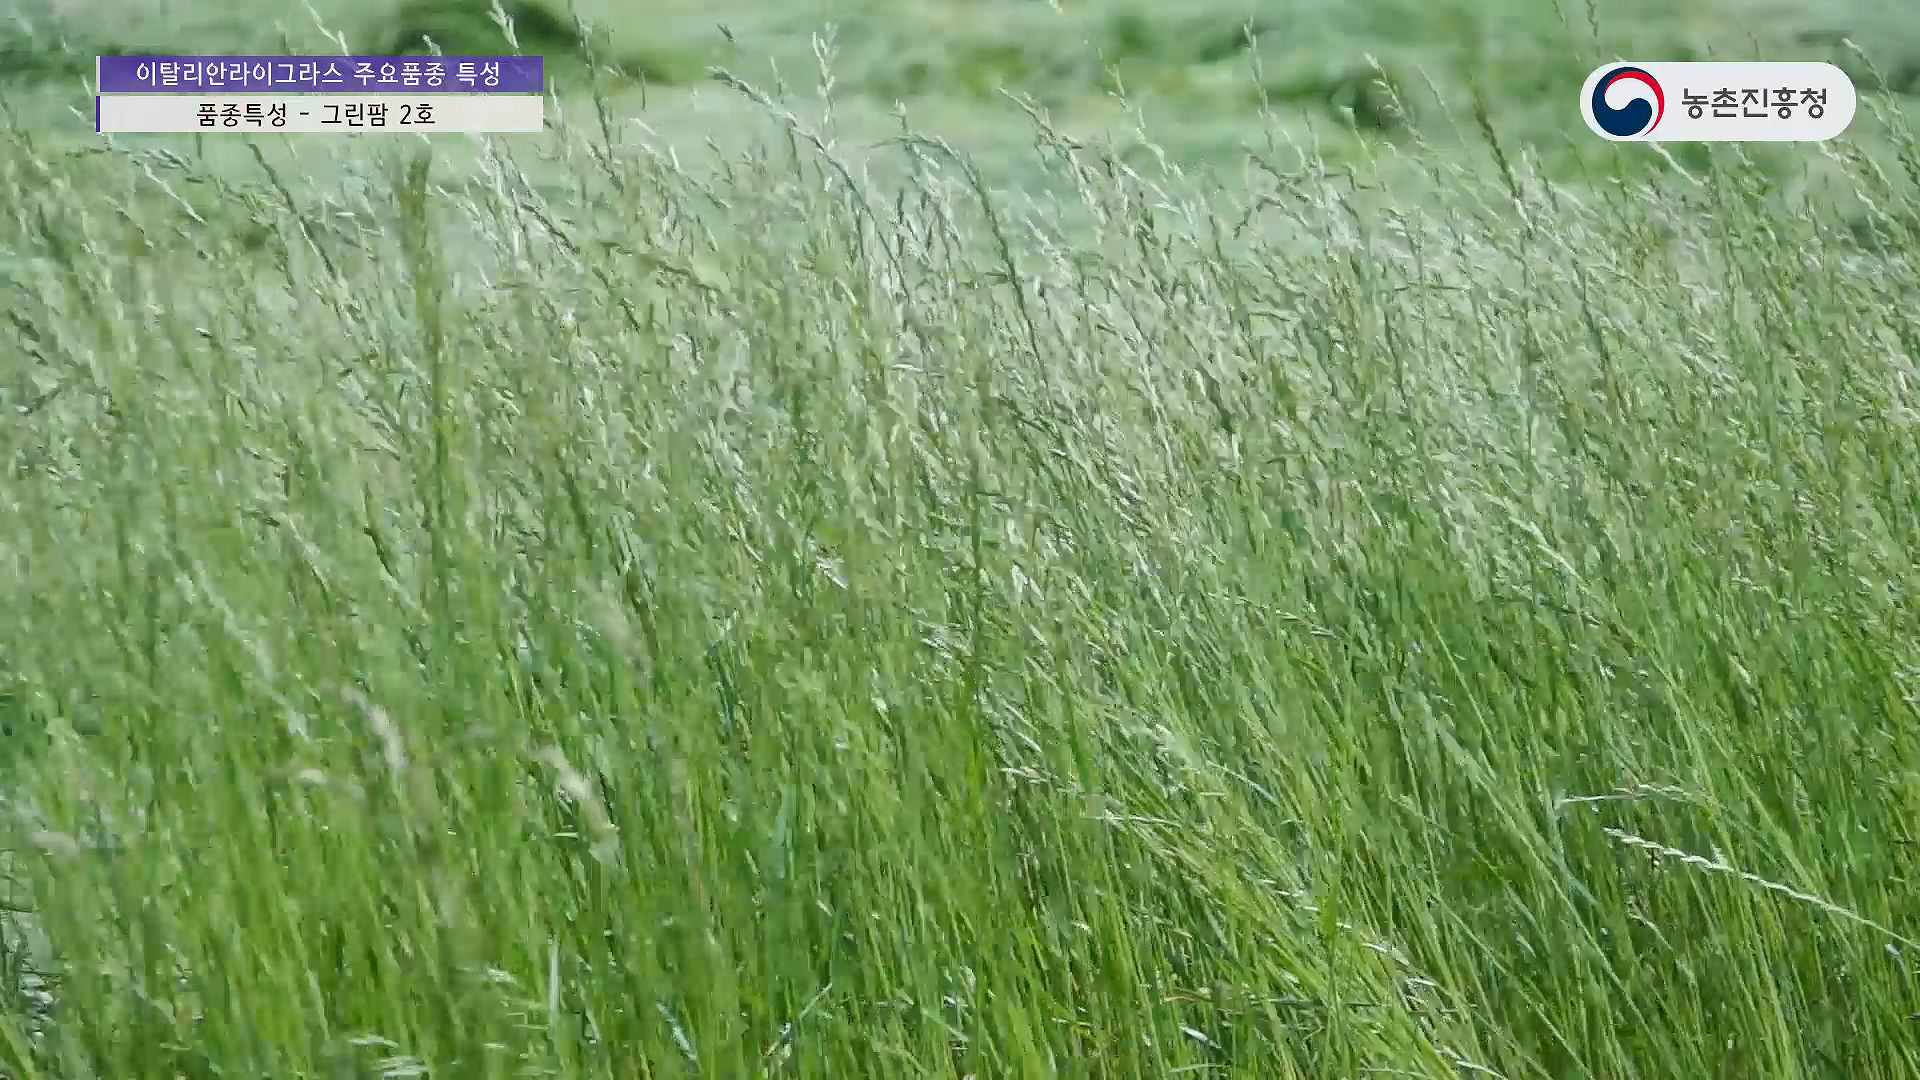 이탈리안라이그라스 주요품종 특성